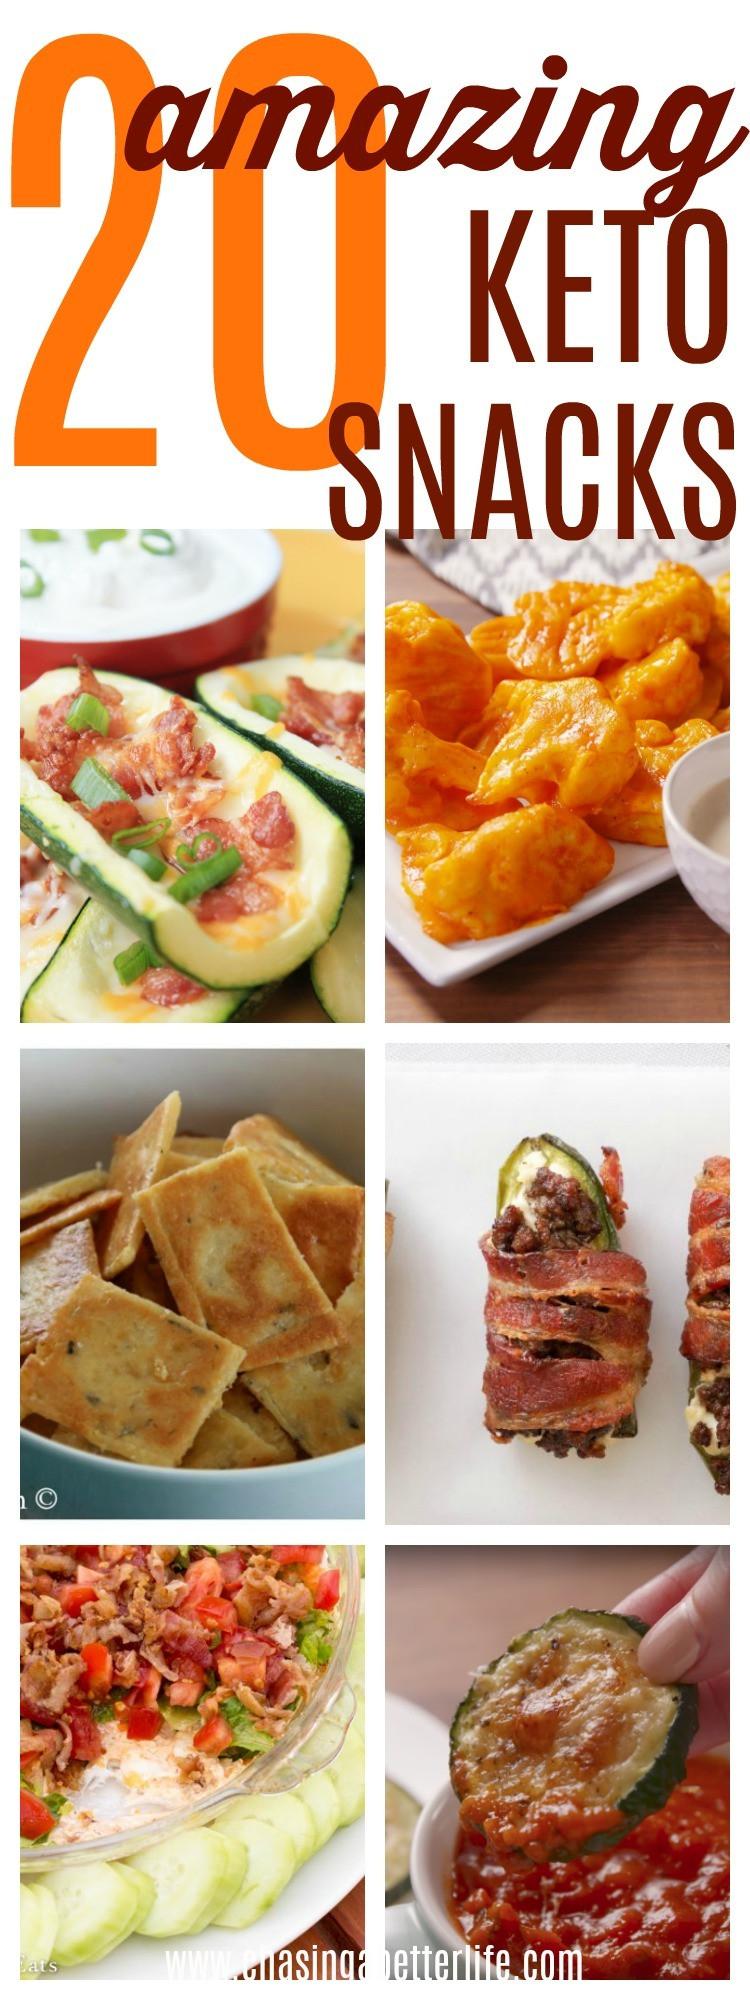 Healthy Keto Snacks  200 Cheap and Easy Keto Recipes